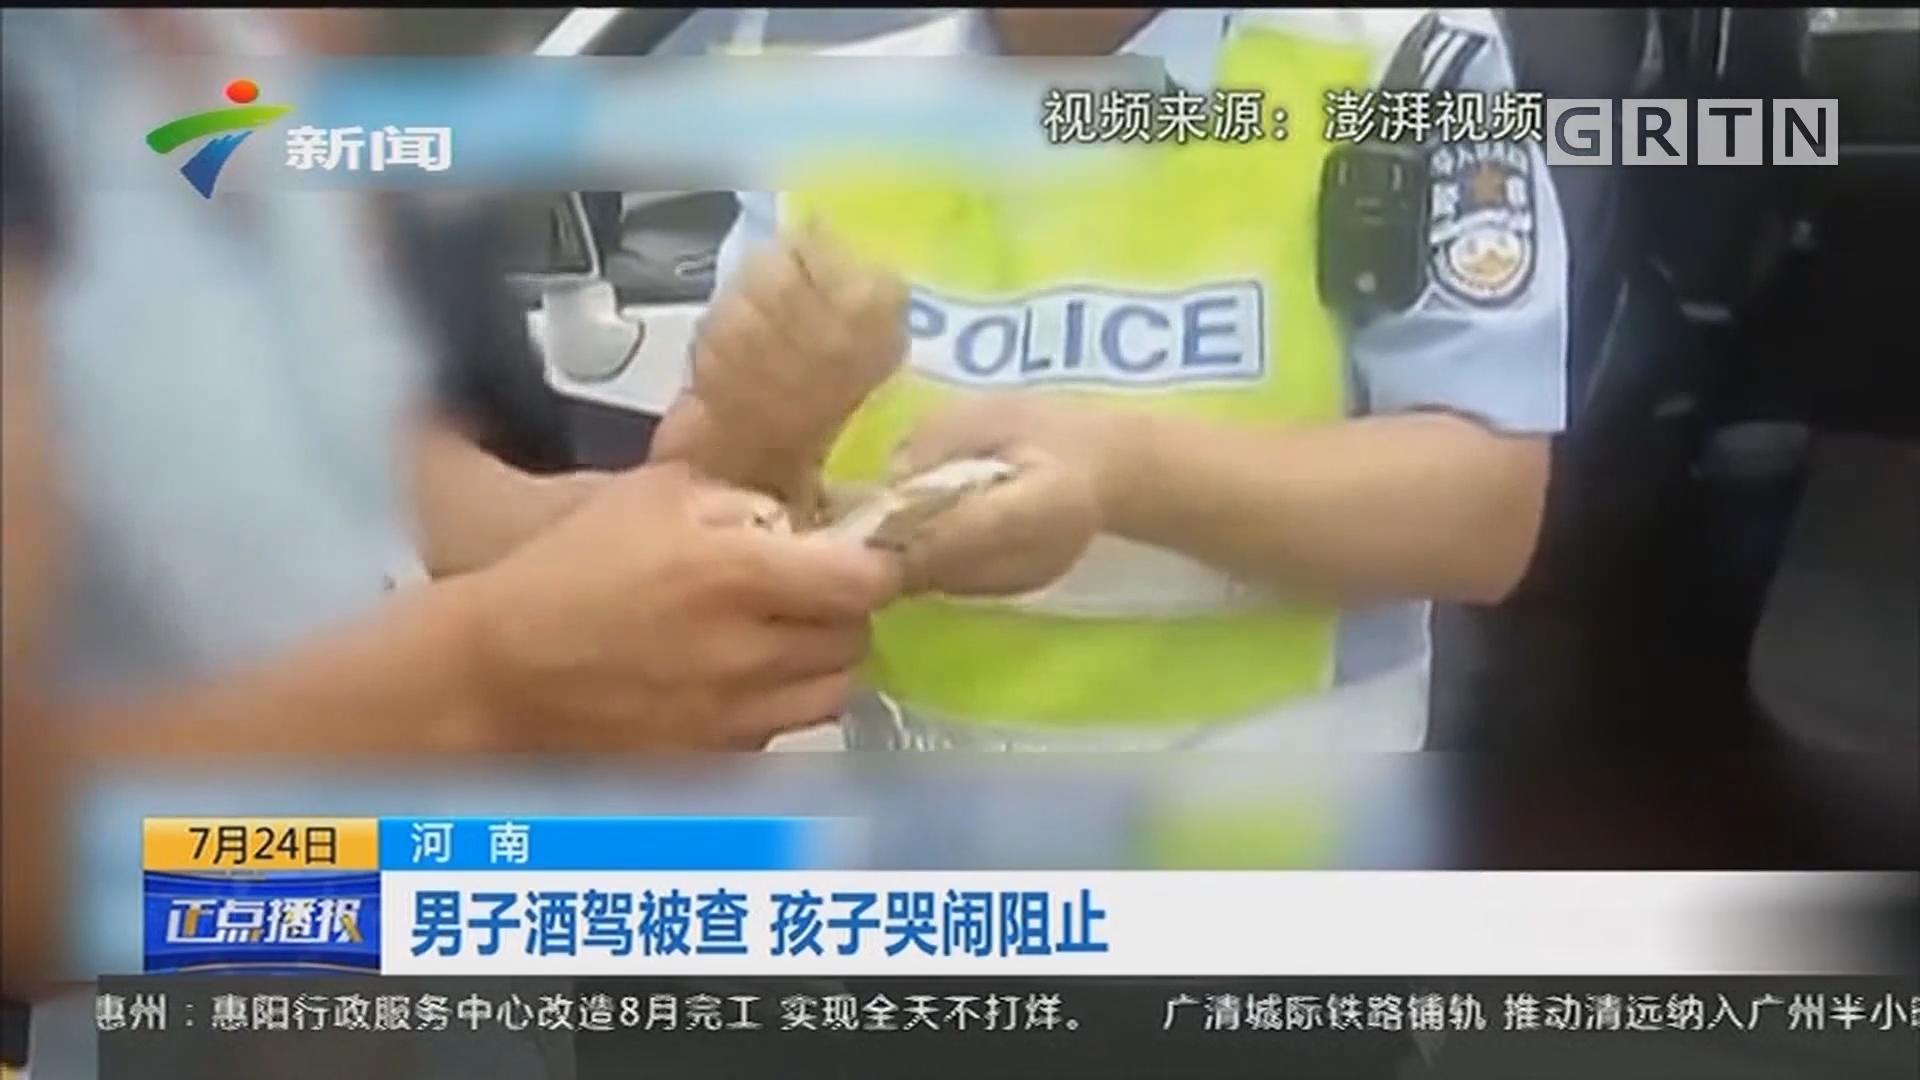 河南:男子酒驾被查 孩子哭闹阻止